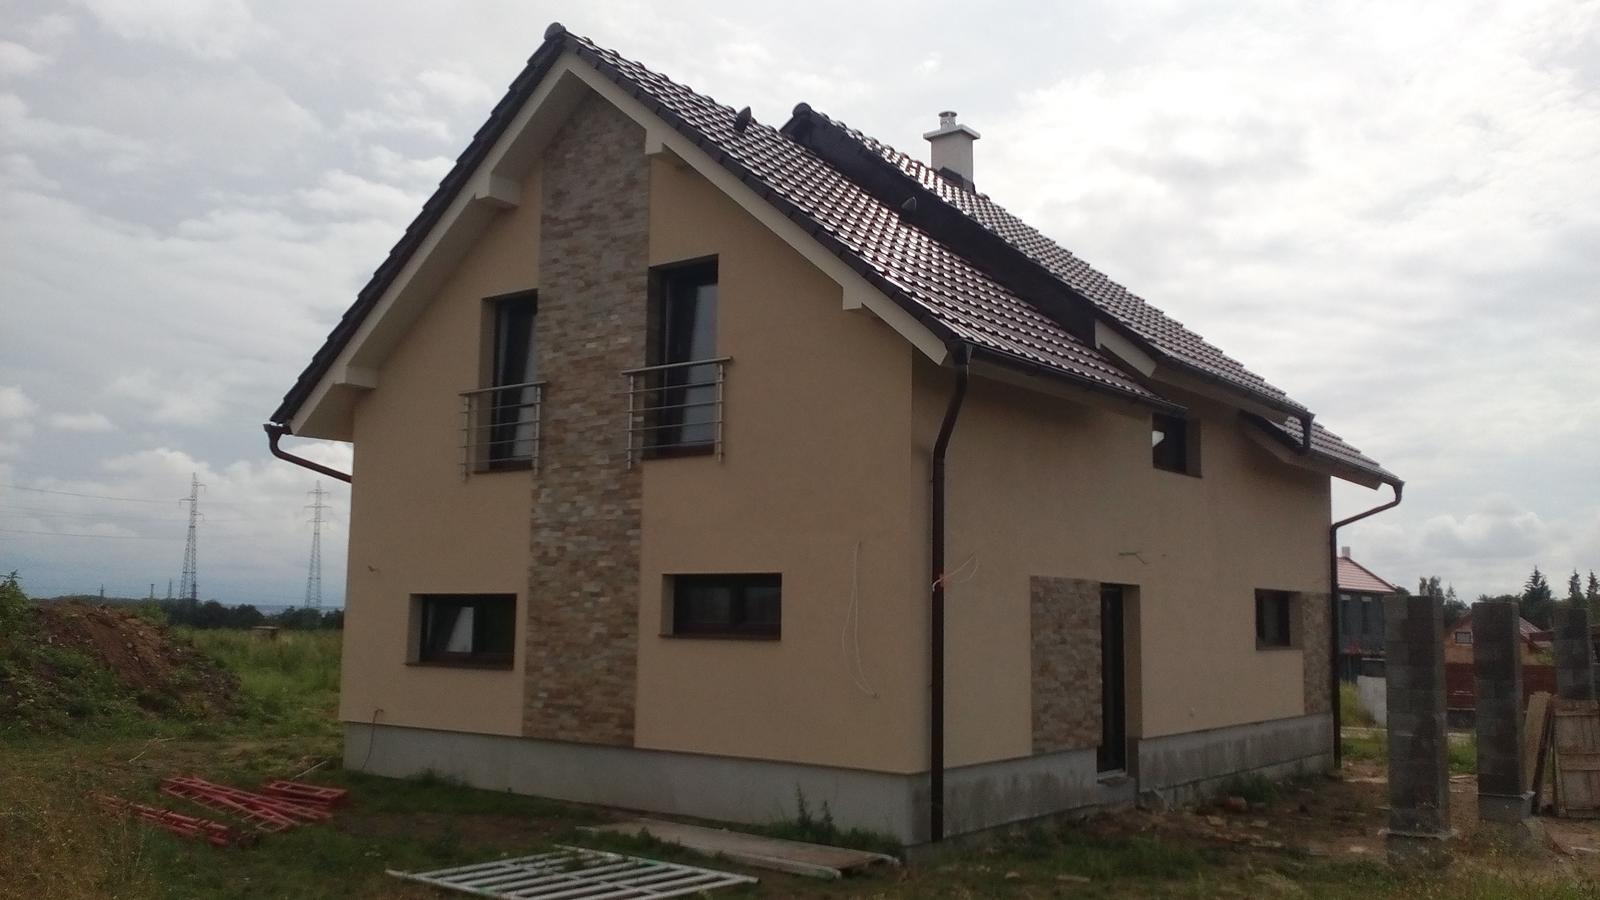 Stavba v kostce - Obrázek č. 87